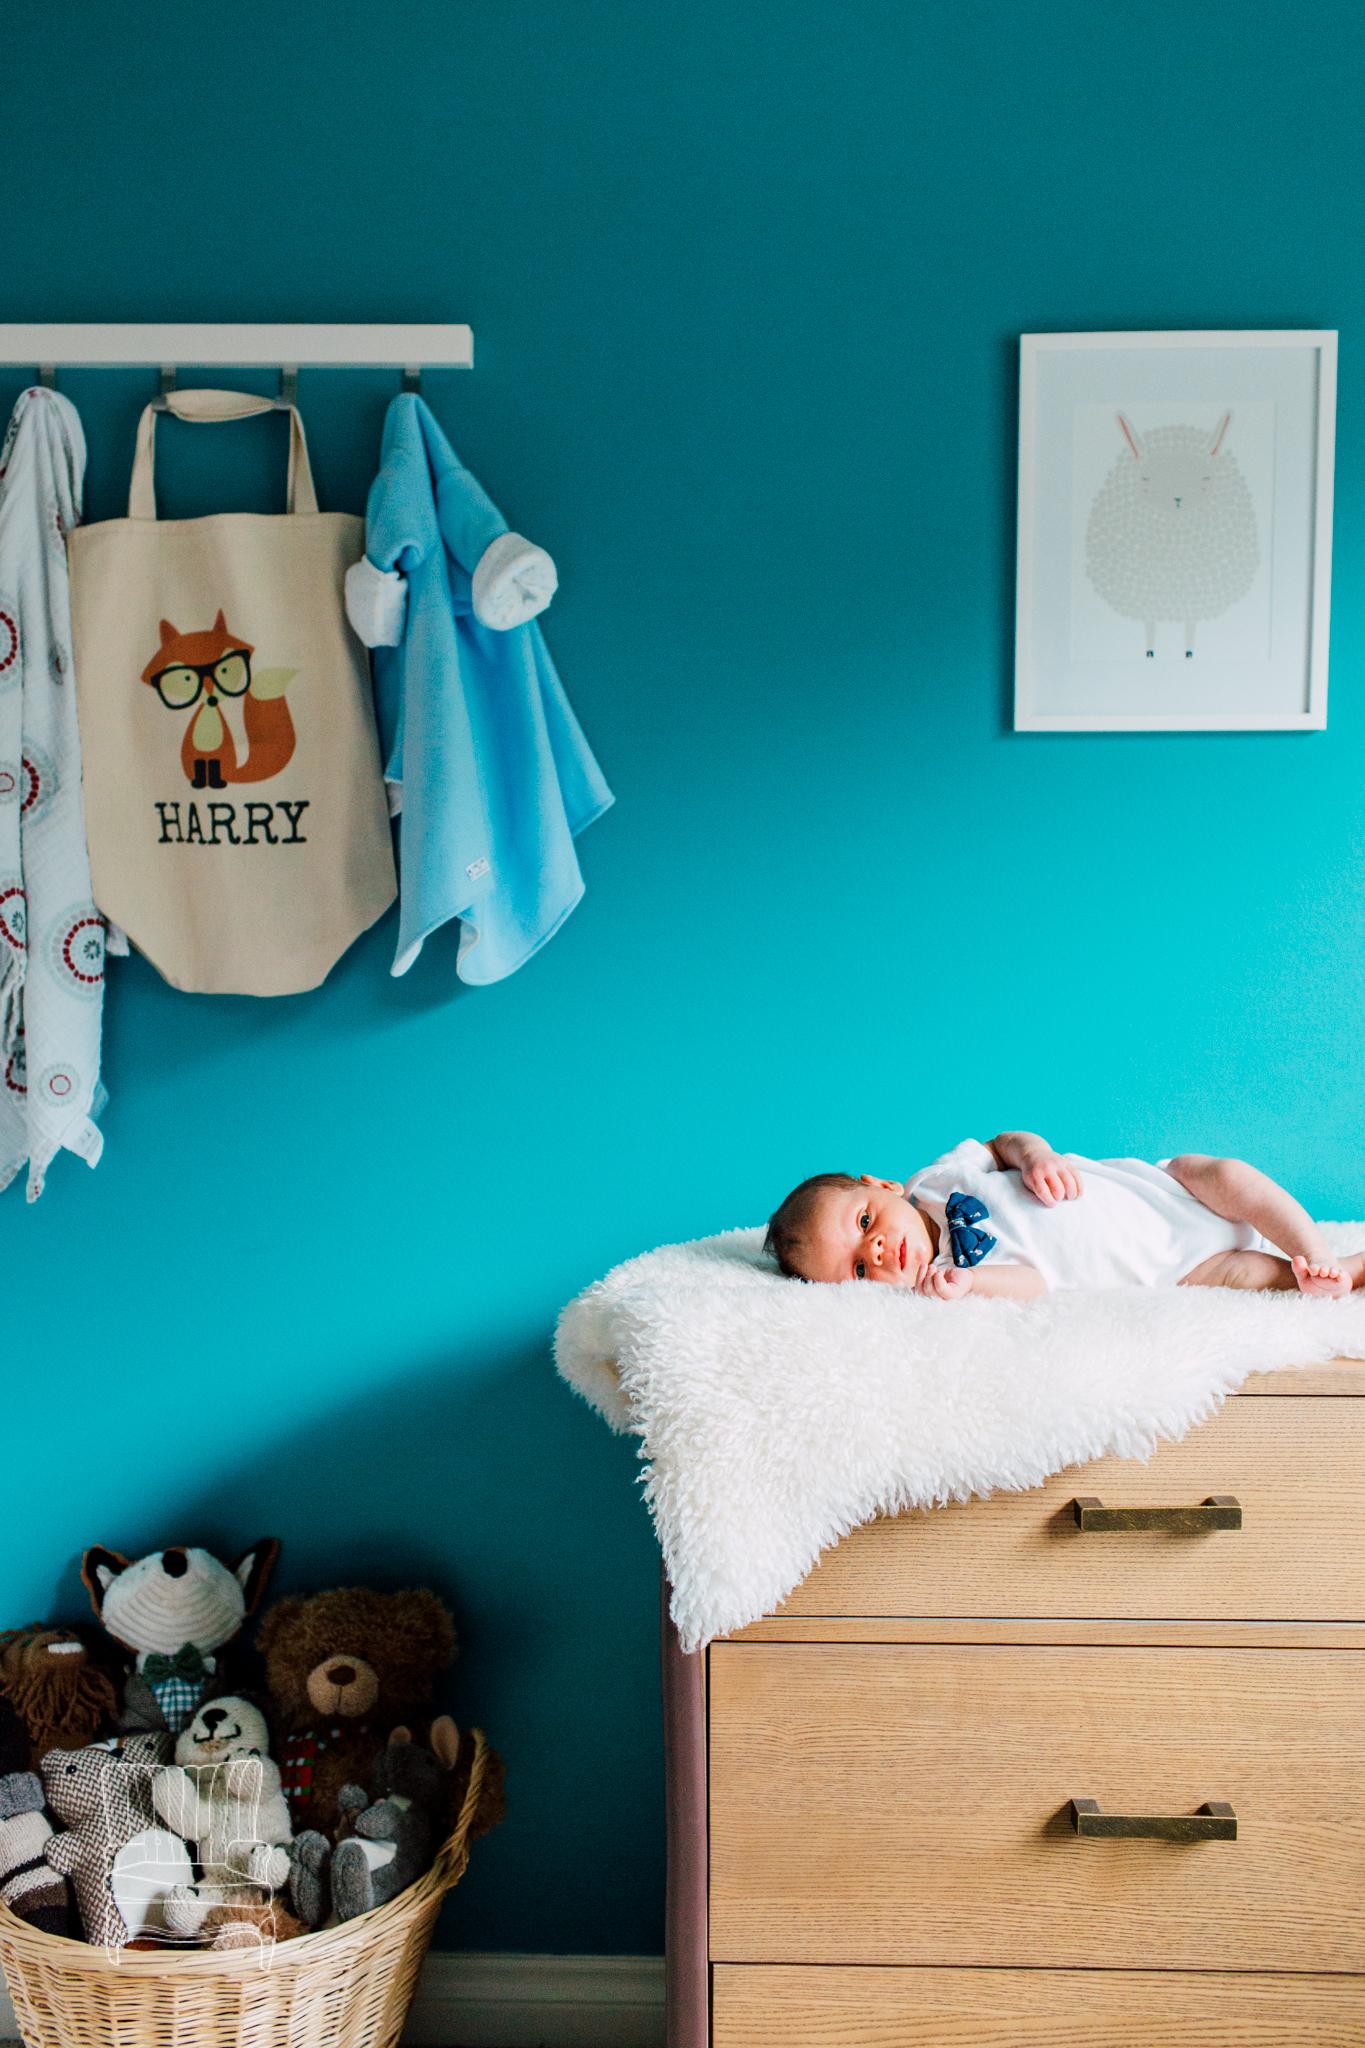 bellingham-newborn-photographer-katheryn-moran-harold-1.jpg